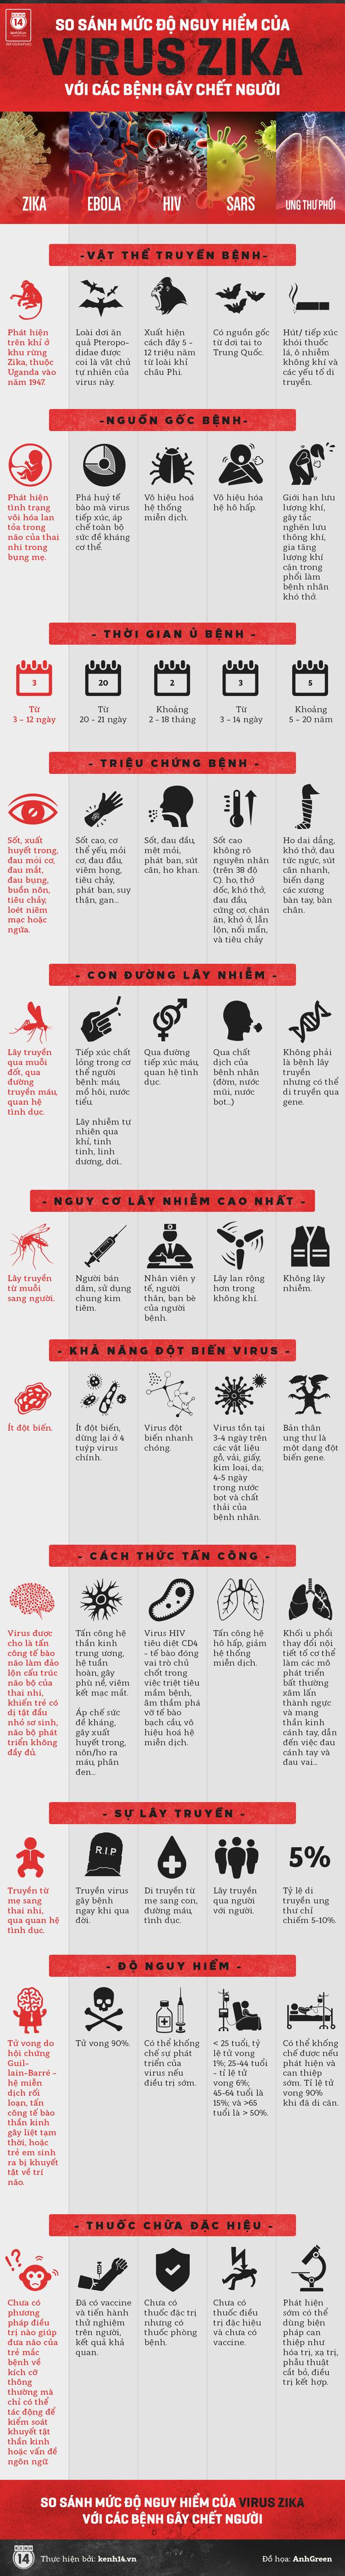 So sánh độ nguy hiểm của virus ăn não người với các bệnh gây chết người khác - Ảnh 2.